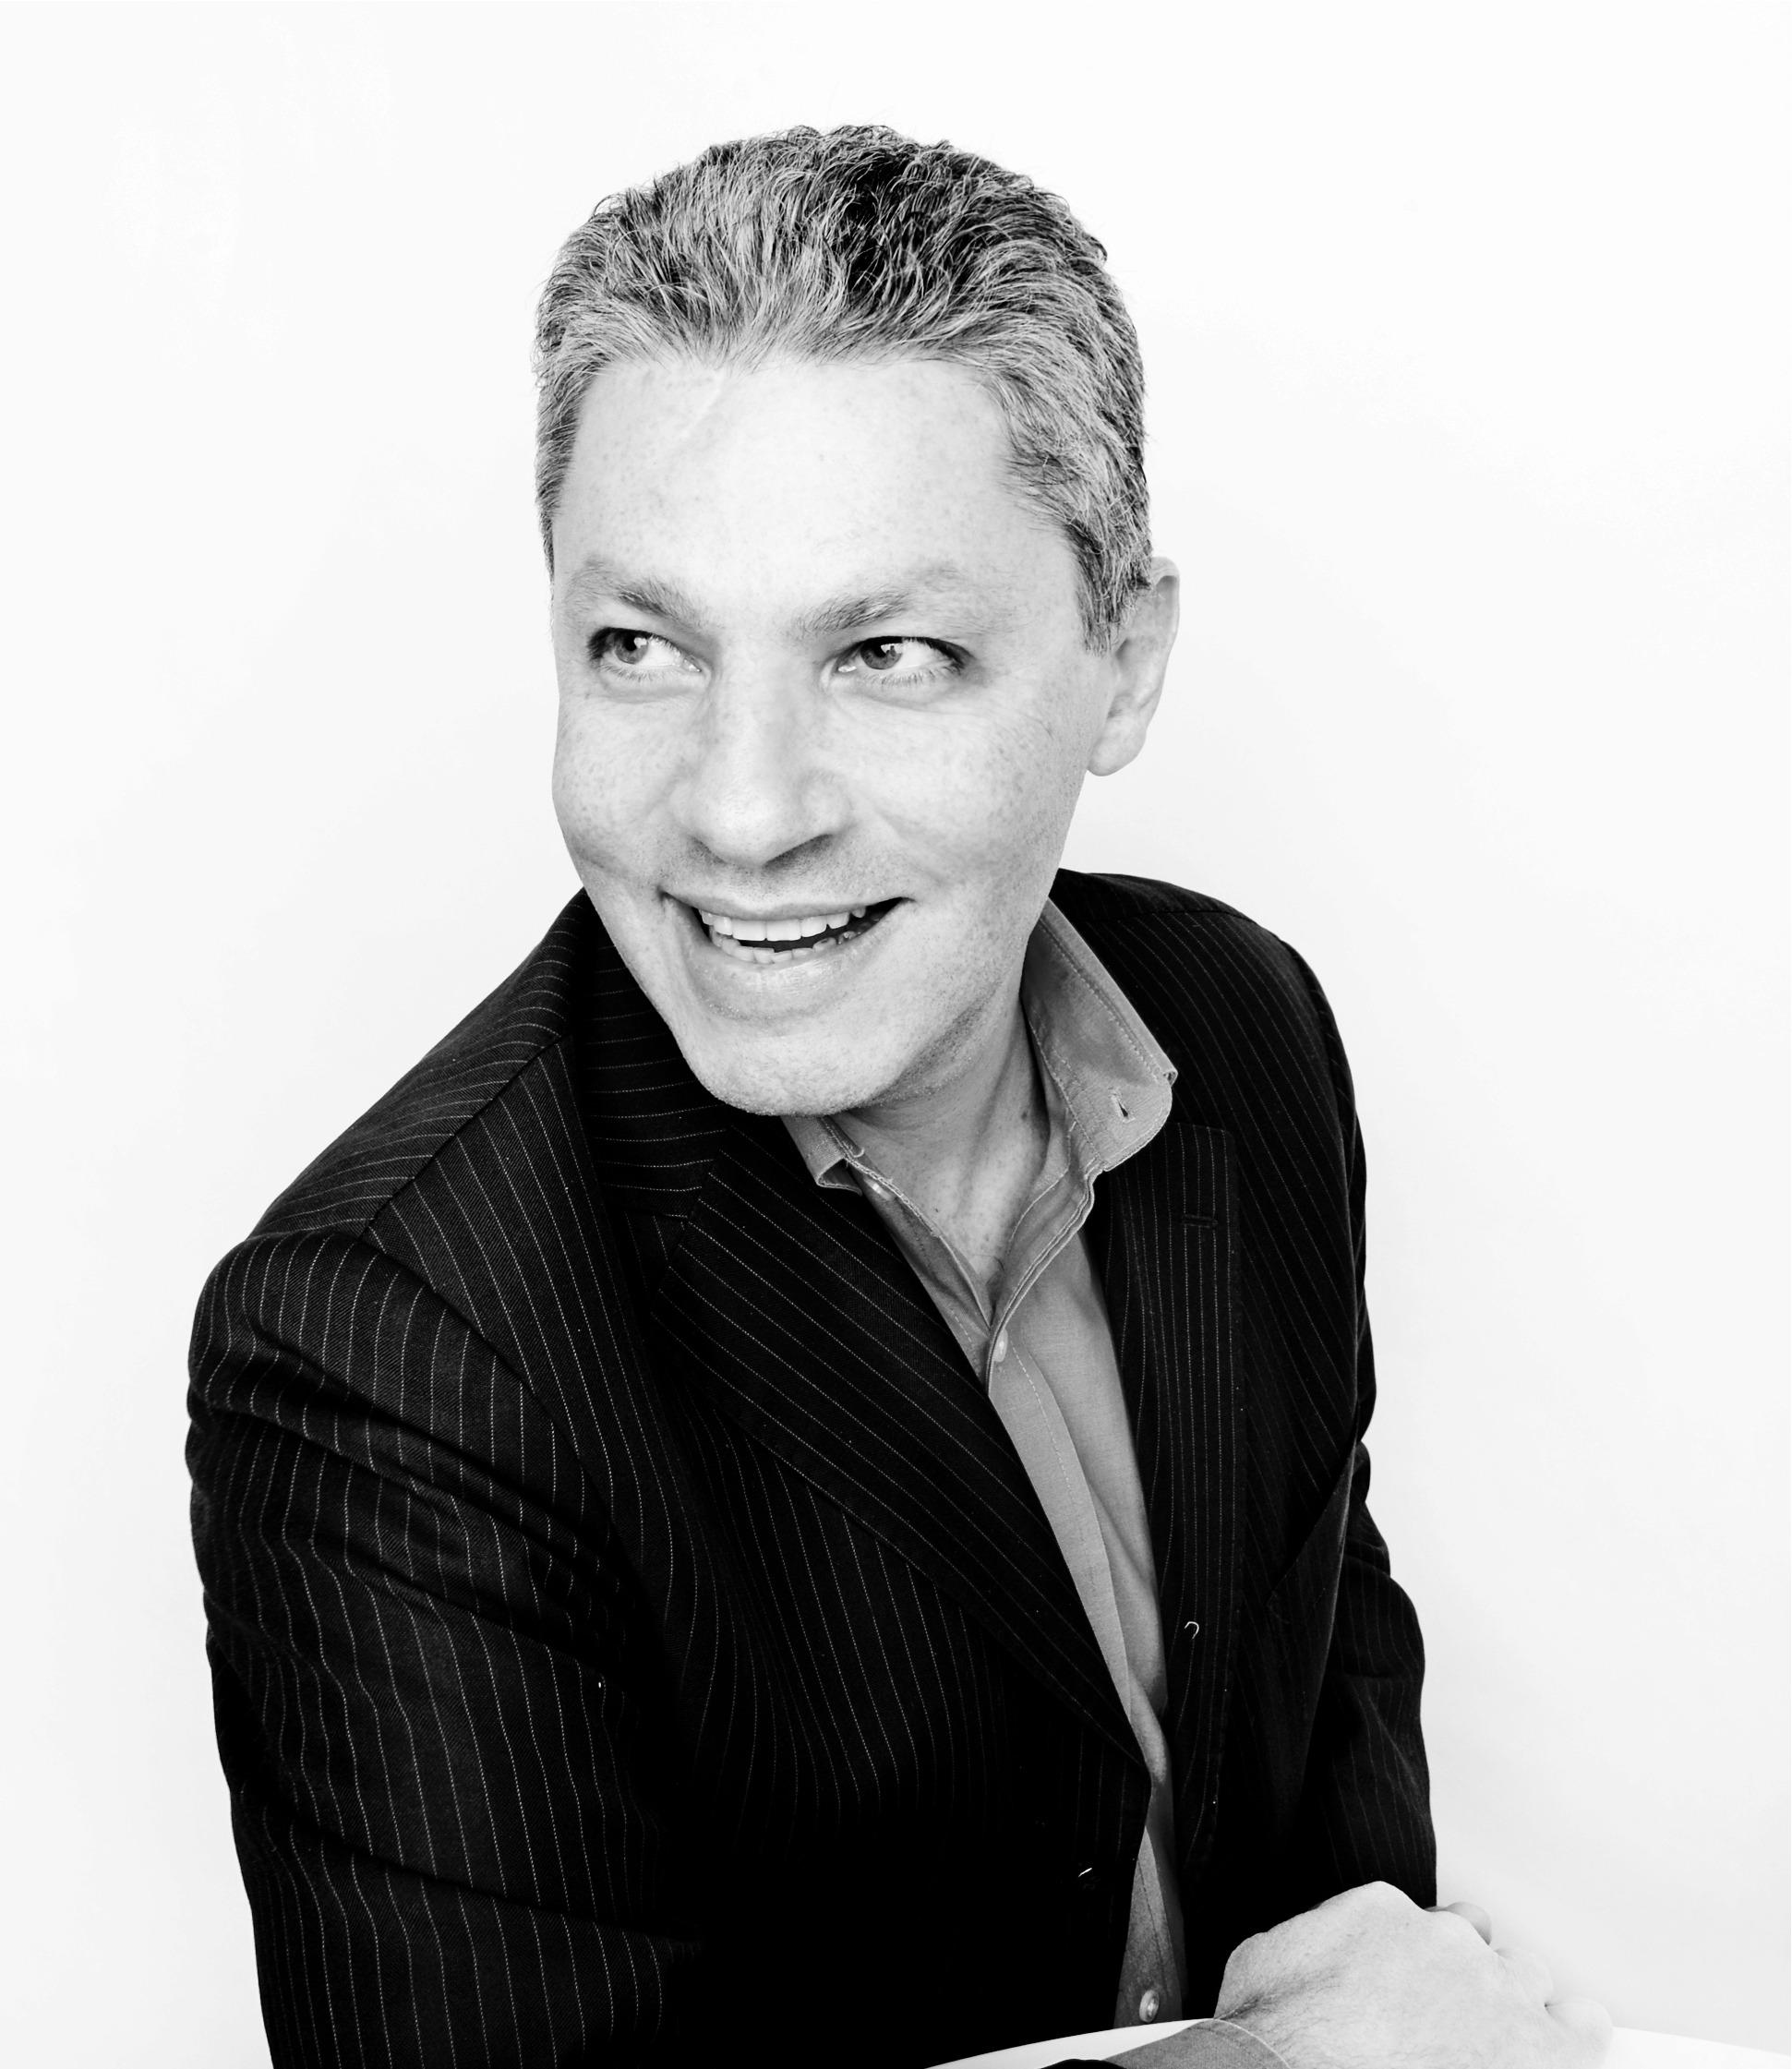 Stephan Grynwajc